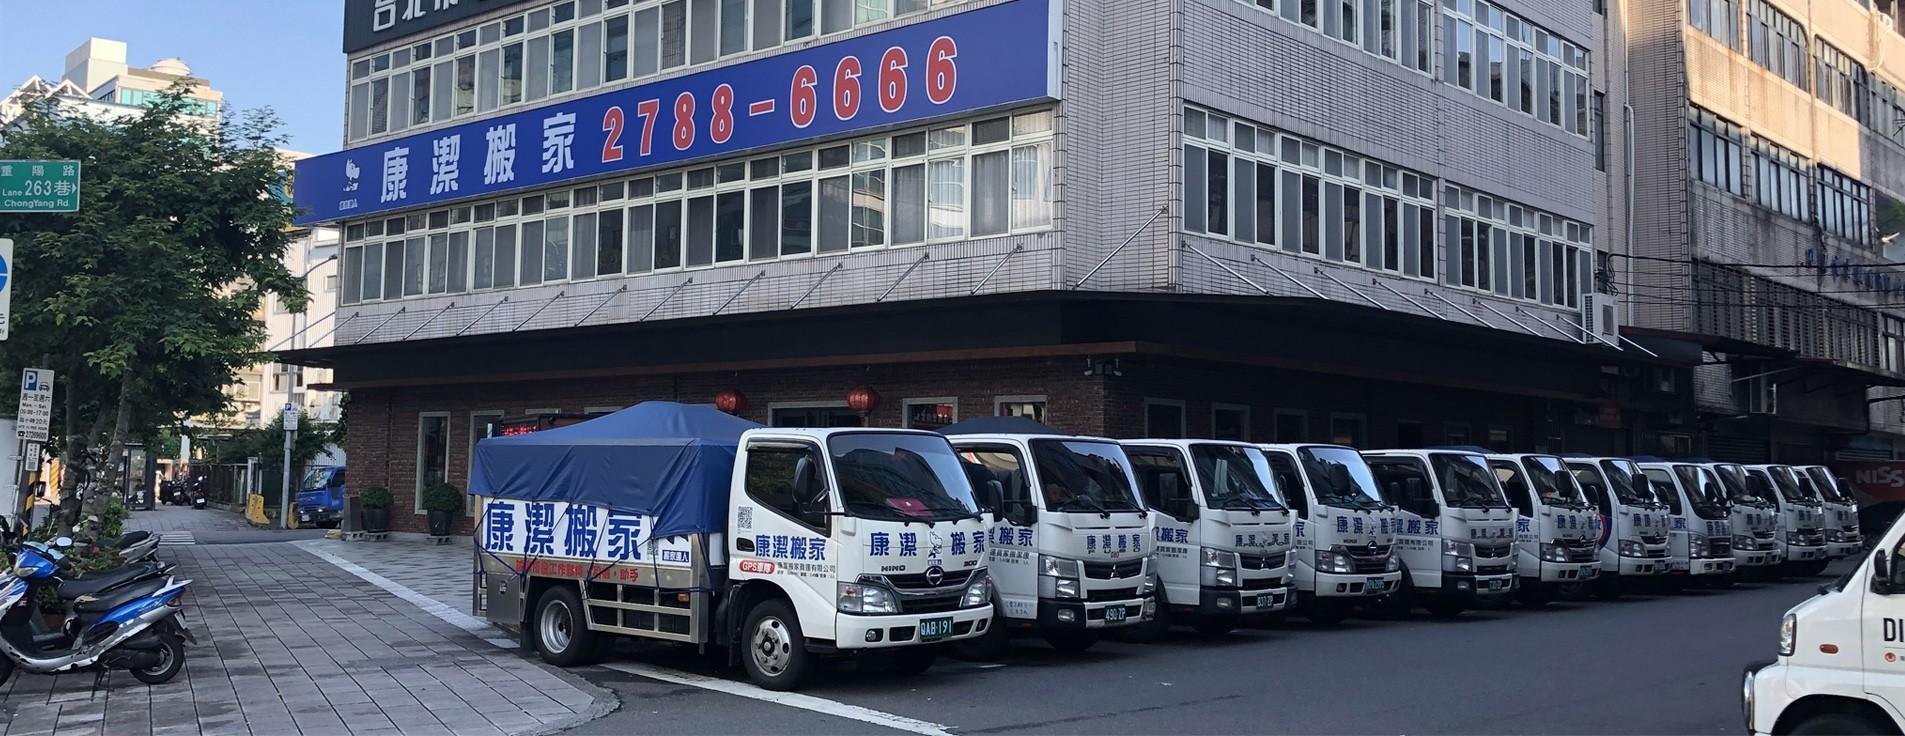 康潔搬家貨運有限公司,台北搬家公司_貨車